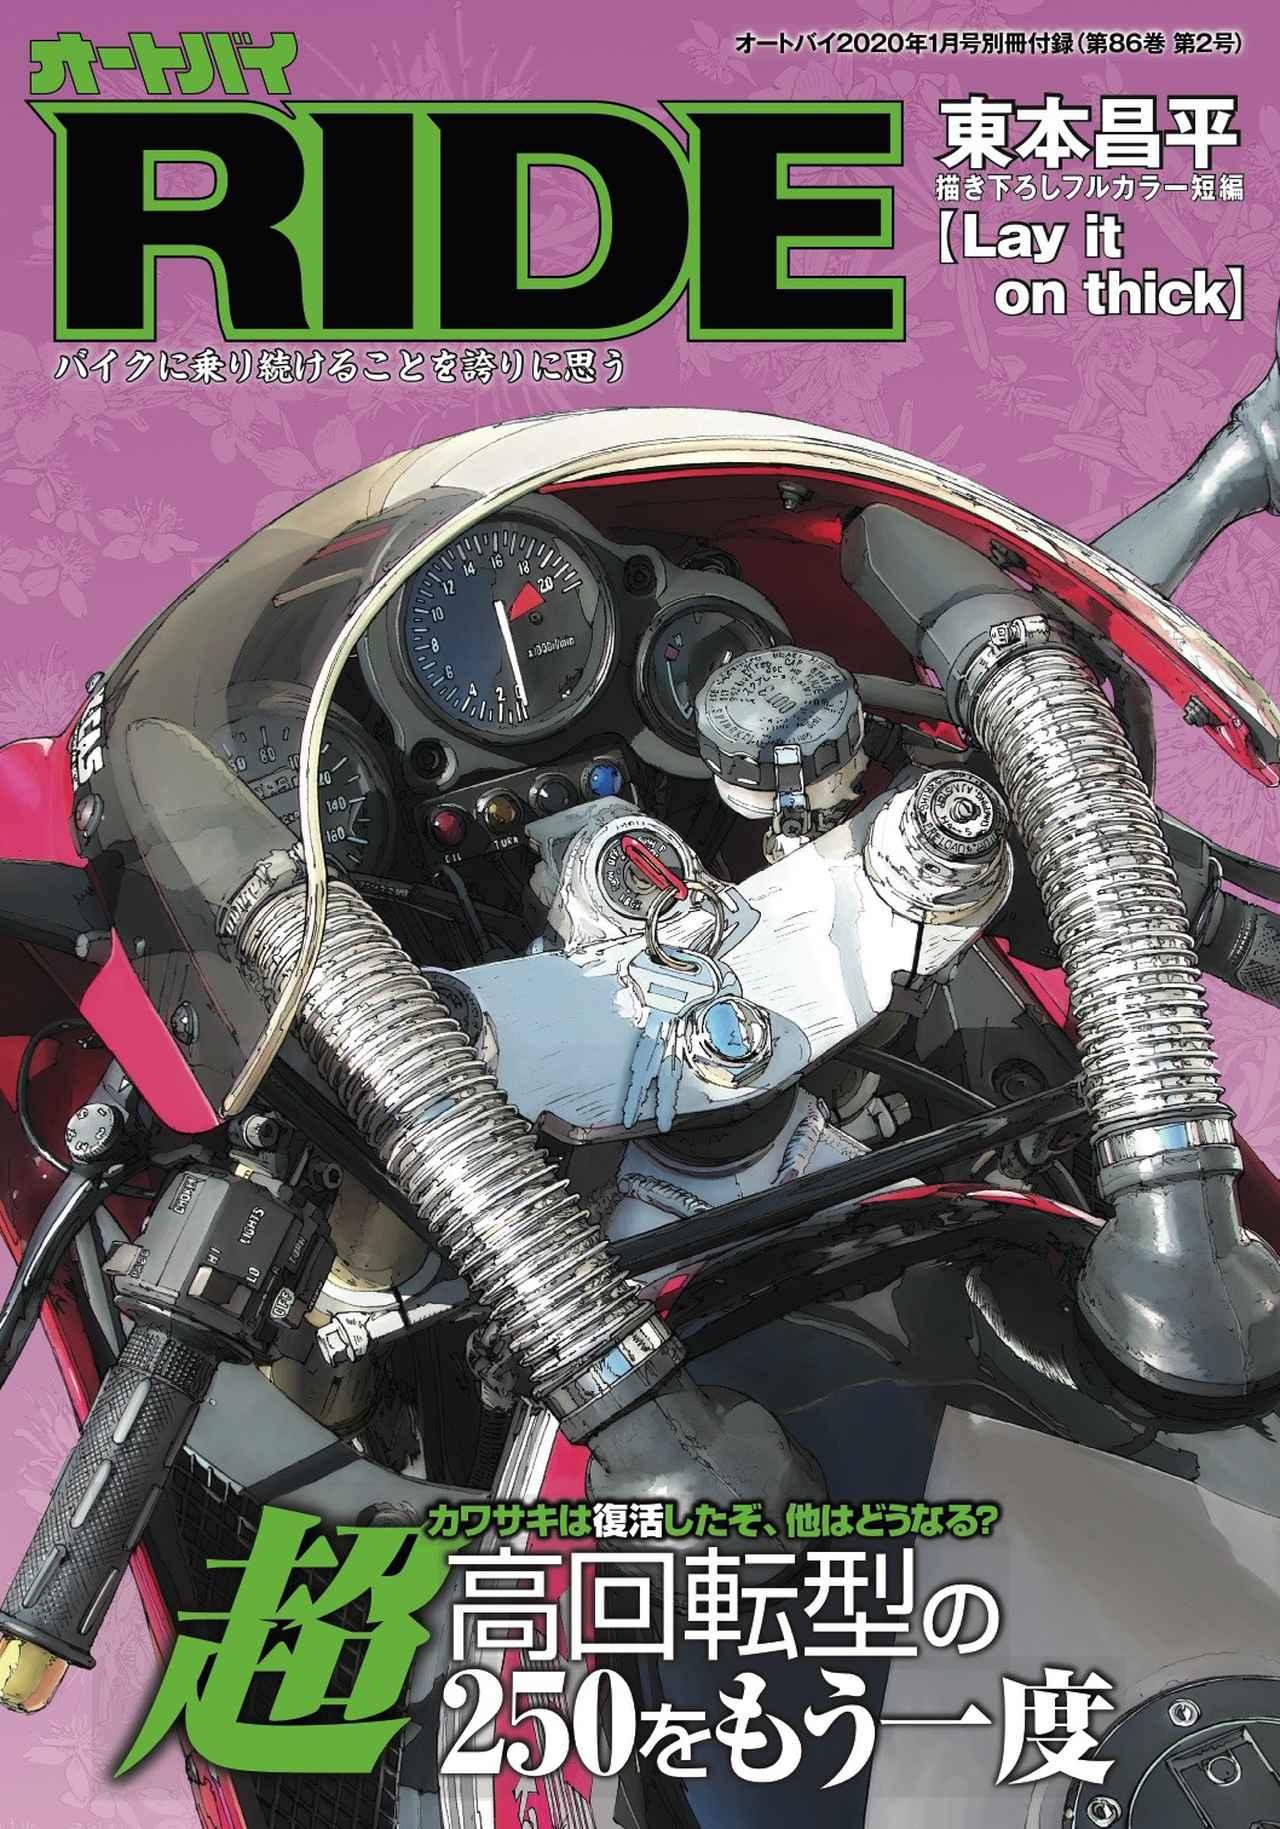 画像2: EICMA大特集! 月刊『オートバイ』2020年1月号は別冊付録「RIDE」とセットで11月30日(土)発売!